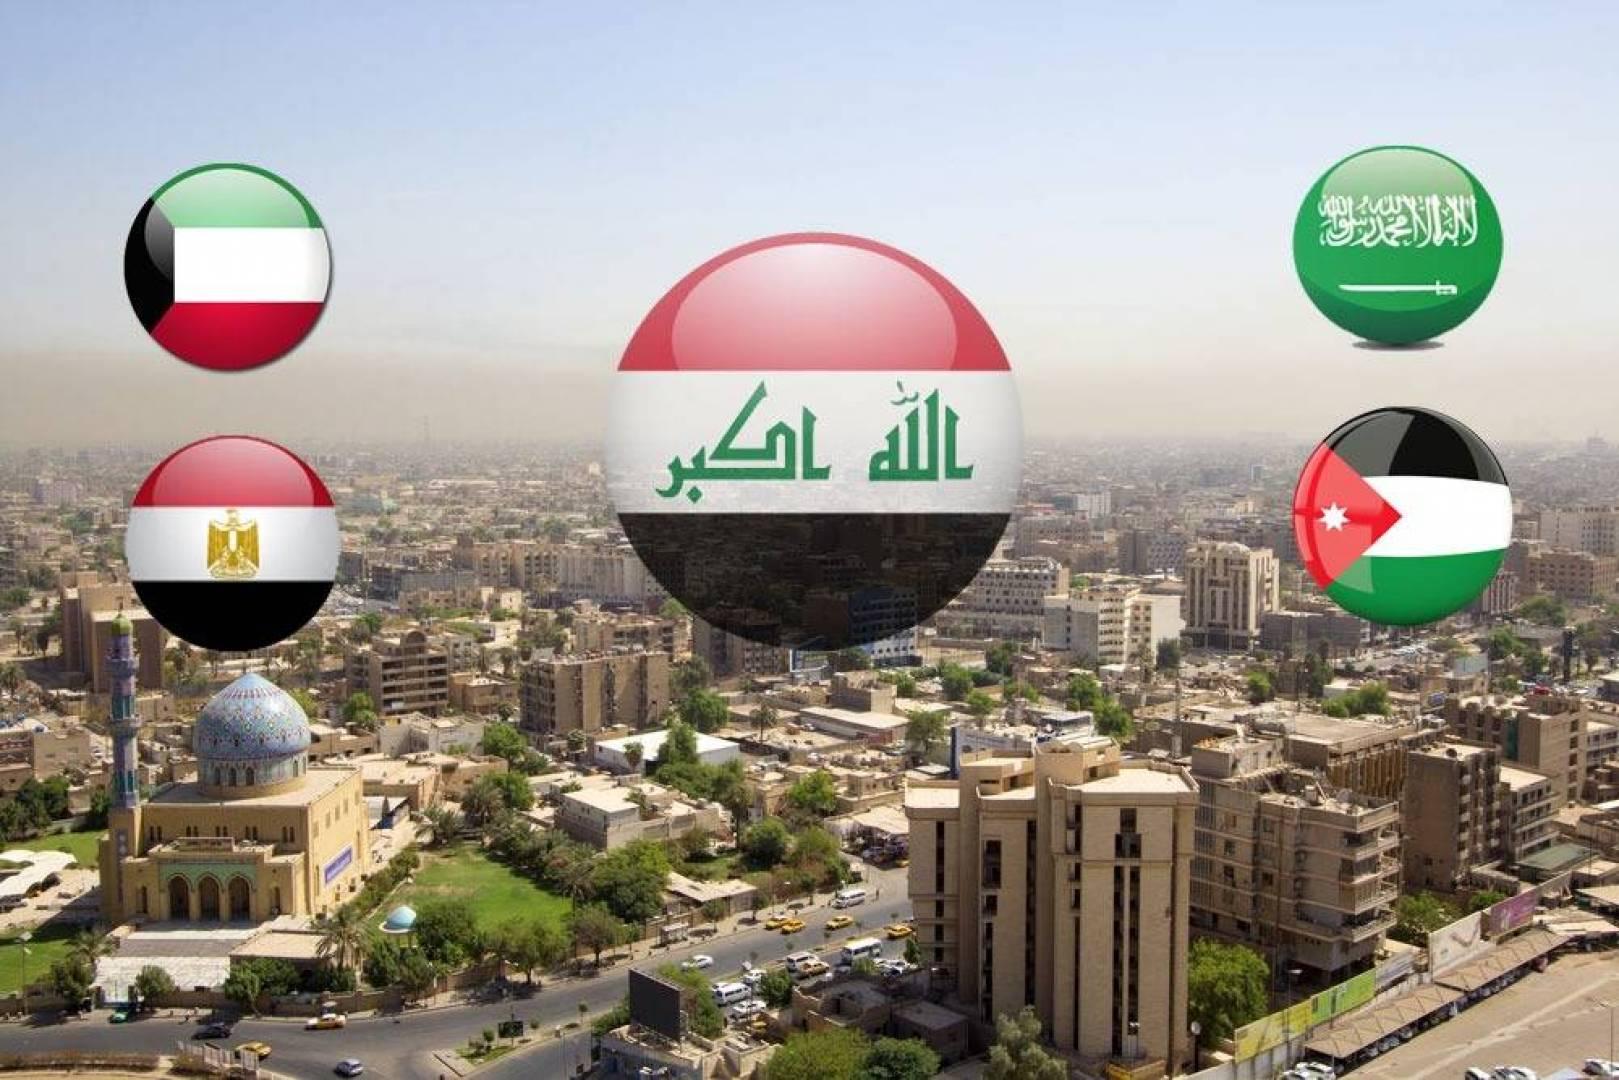 وزراء خارجية الكويت والسعودية ومصر والأردن: ندعو تركيا لوقف انتهاكاتها ضد العراق